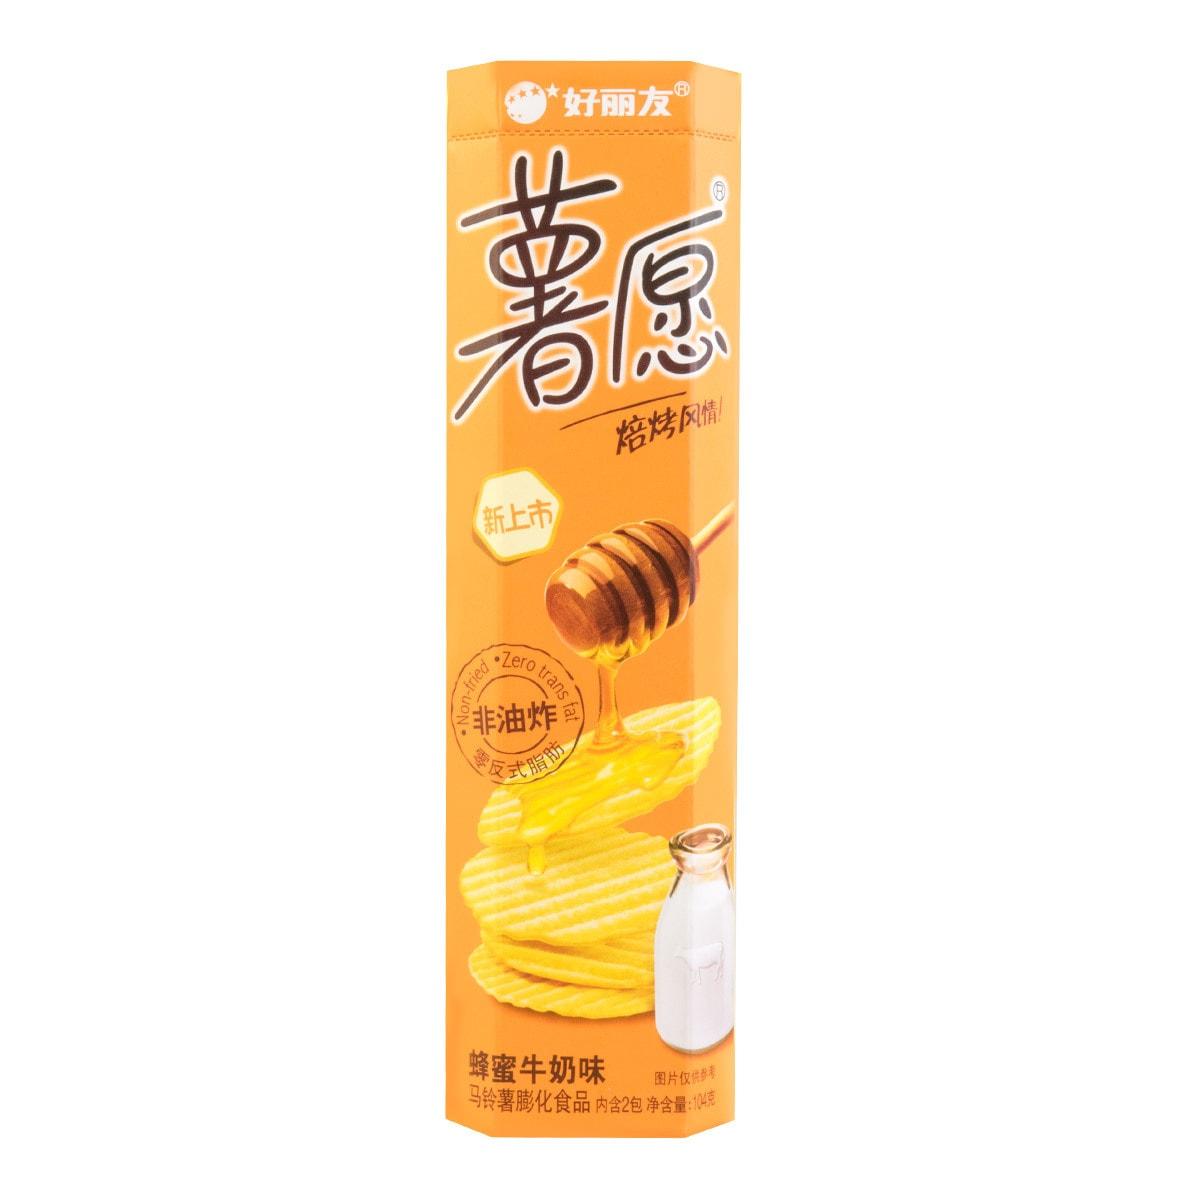 韩国ORION好丽友 非油炸薯愿薯片 蜂蜜牛奶味 104g